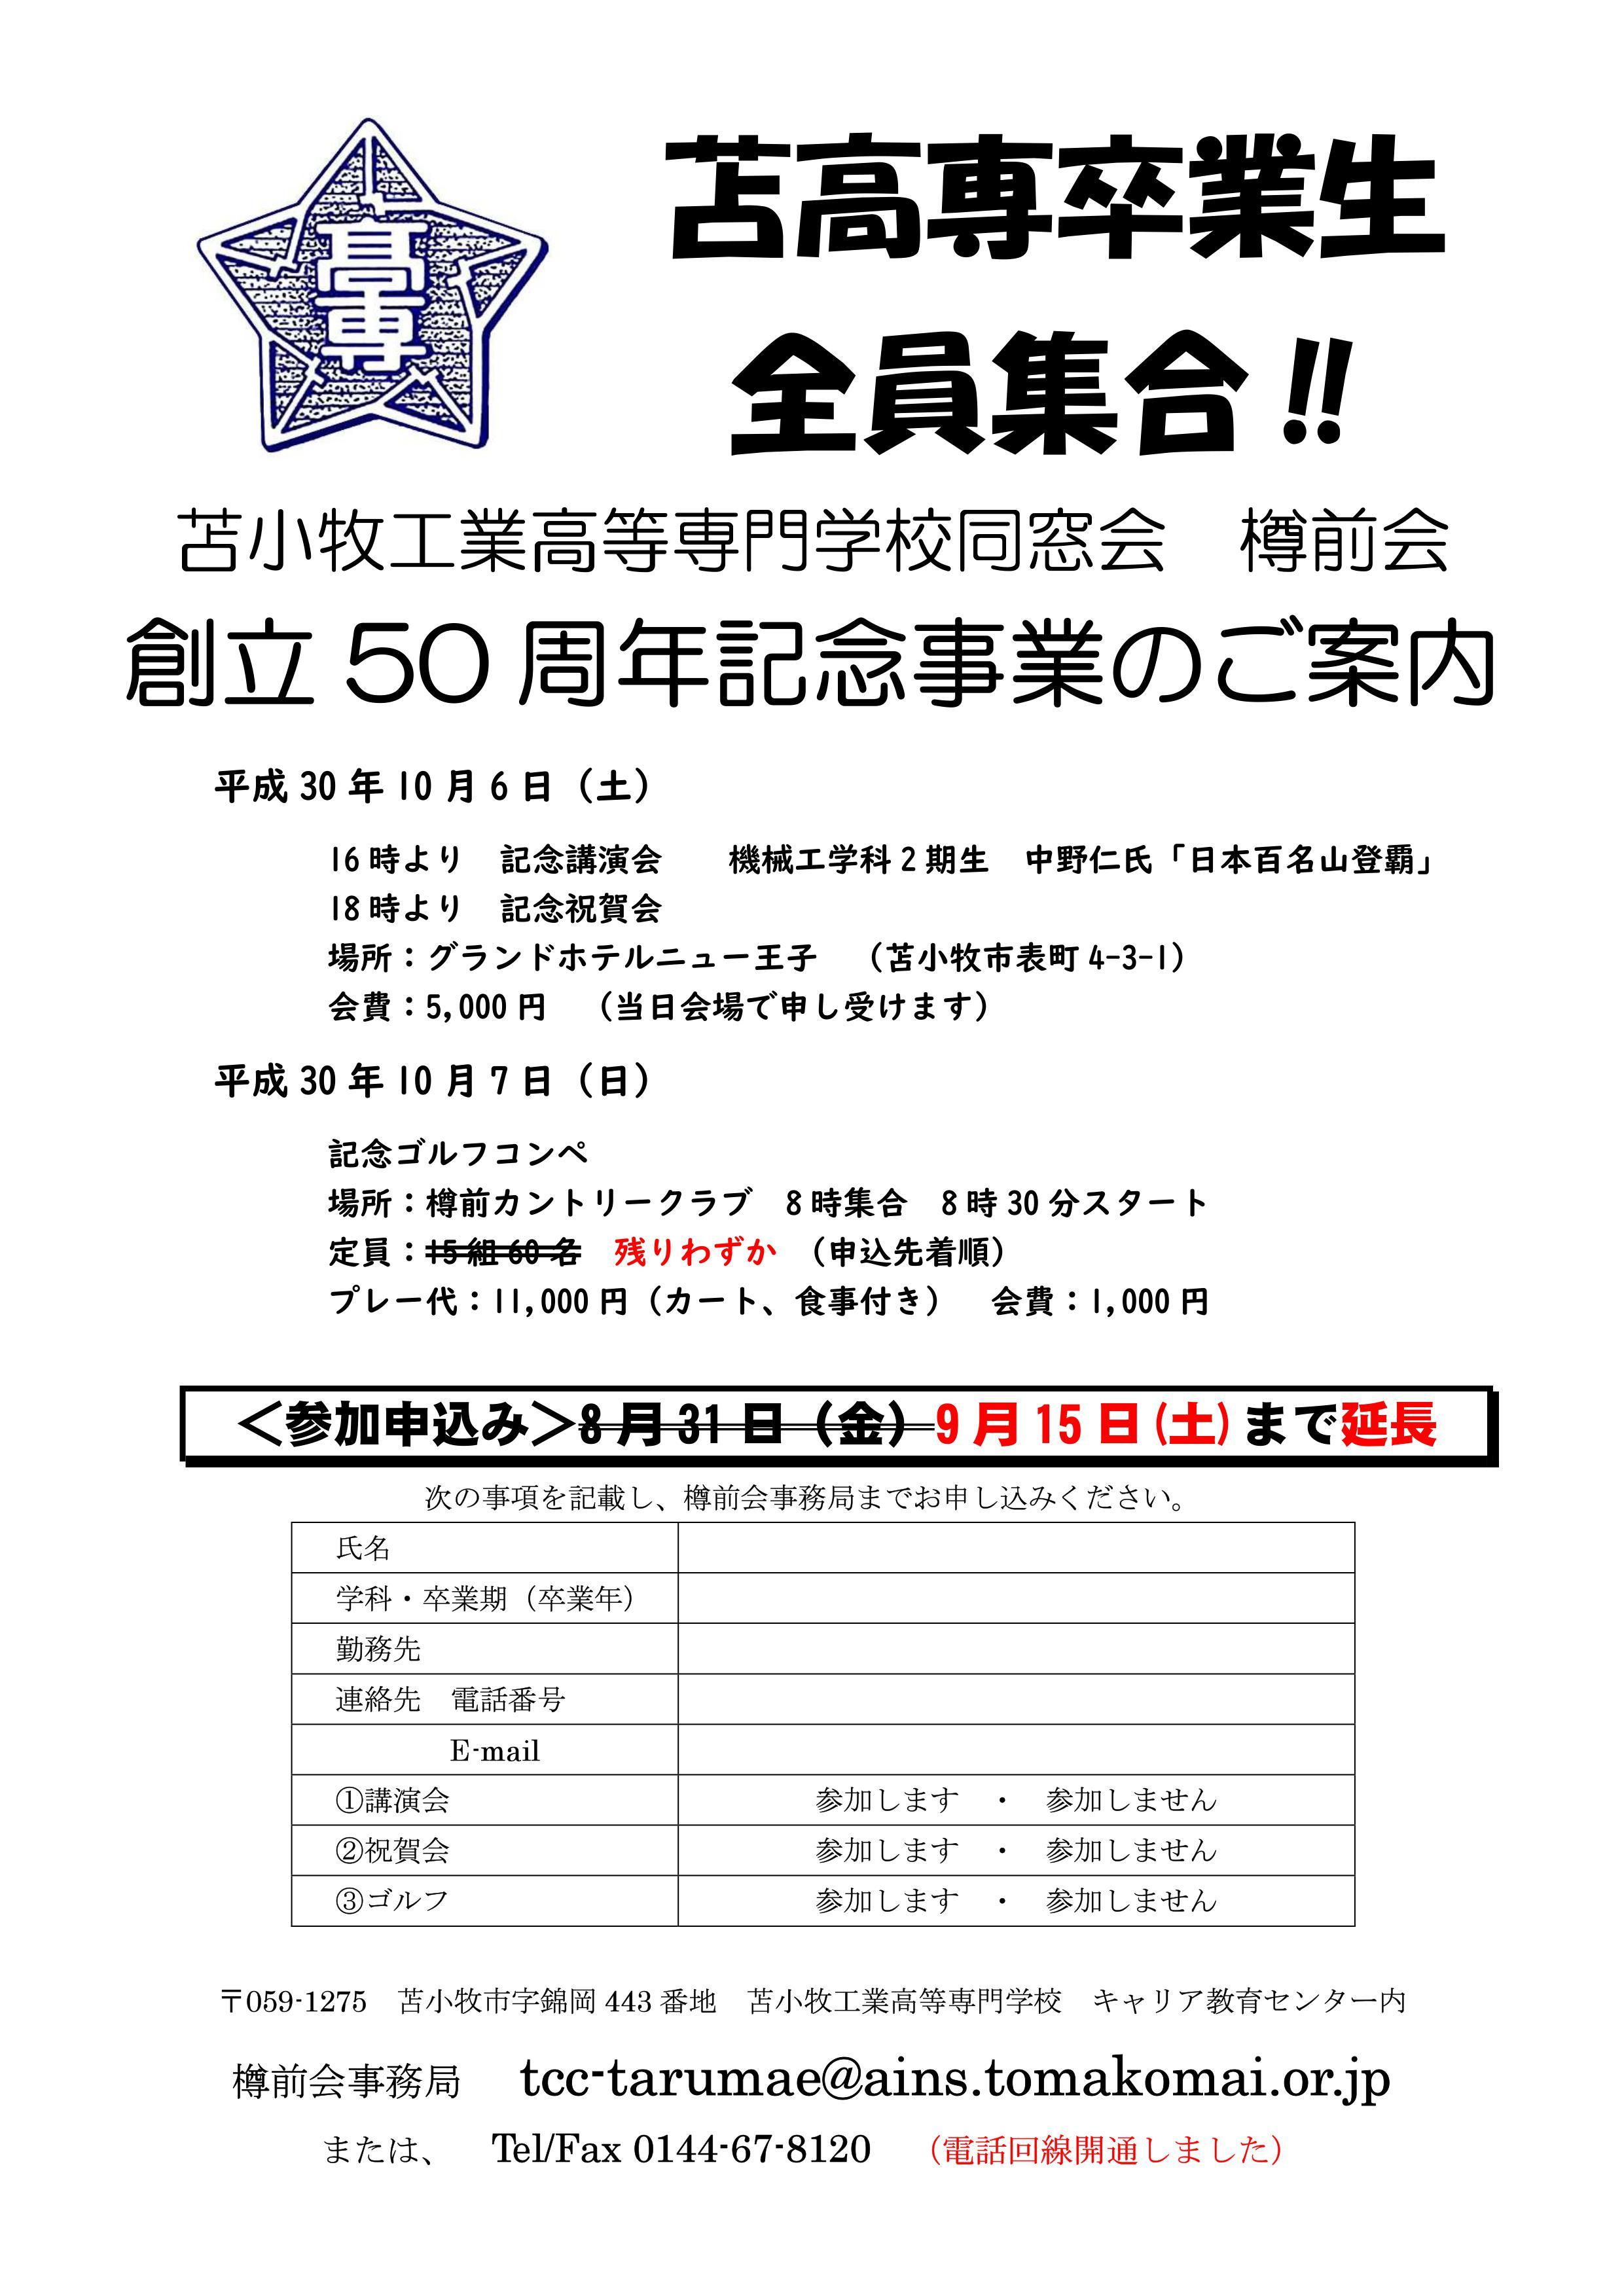 50周年記念事業案内②